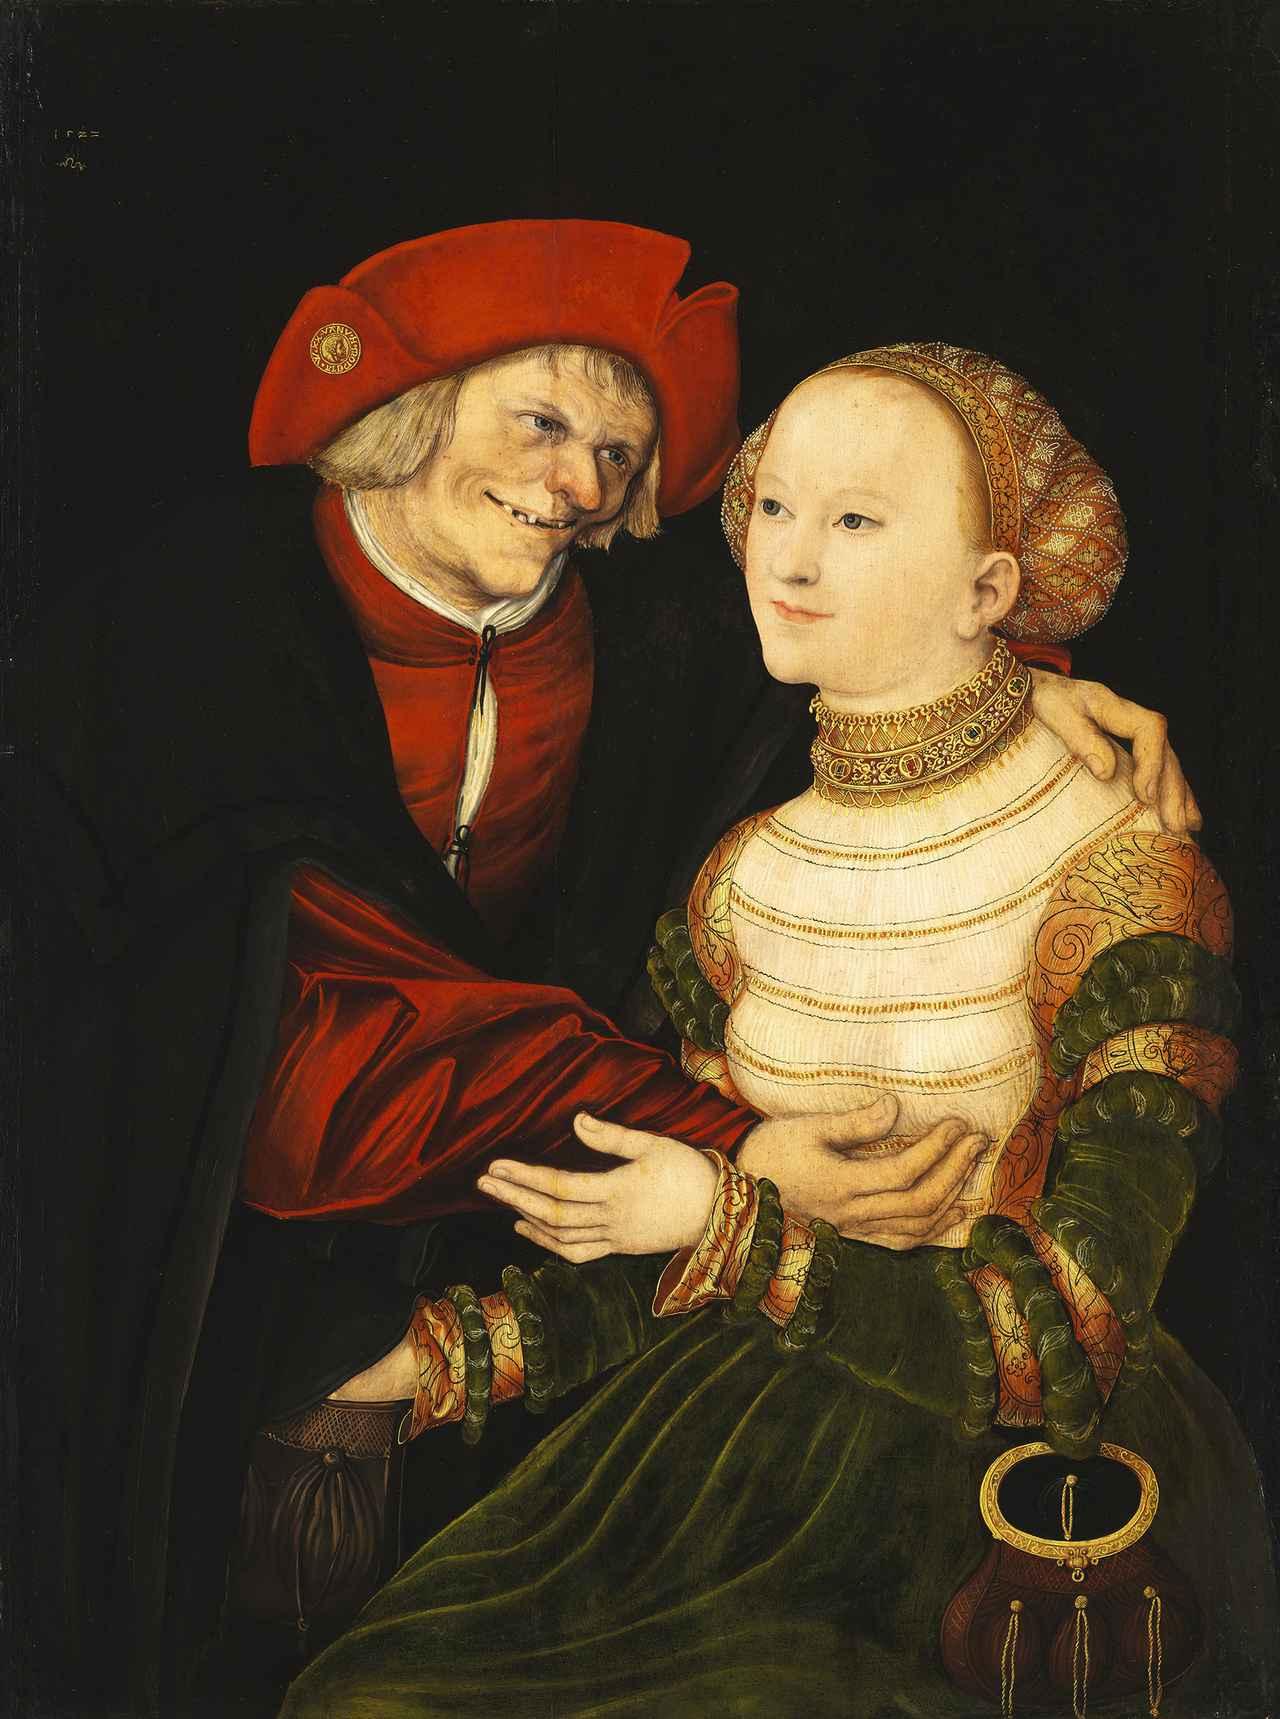 画像: ルカス・クラーナハ(父) 《不釣り合いなカップル 老人と若い女》 1522 年 油彩/板(ブナ) ブダペスト国立西洋美術館 © Museum of Fine Arts,Budapest – Hungarian National Gallery, 2019